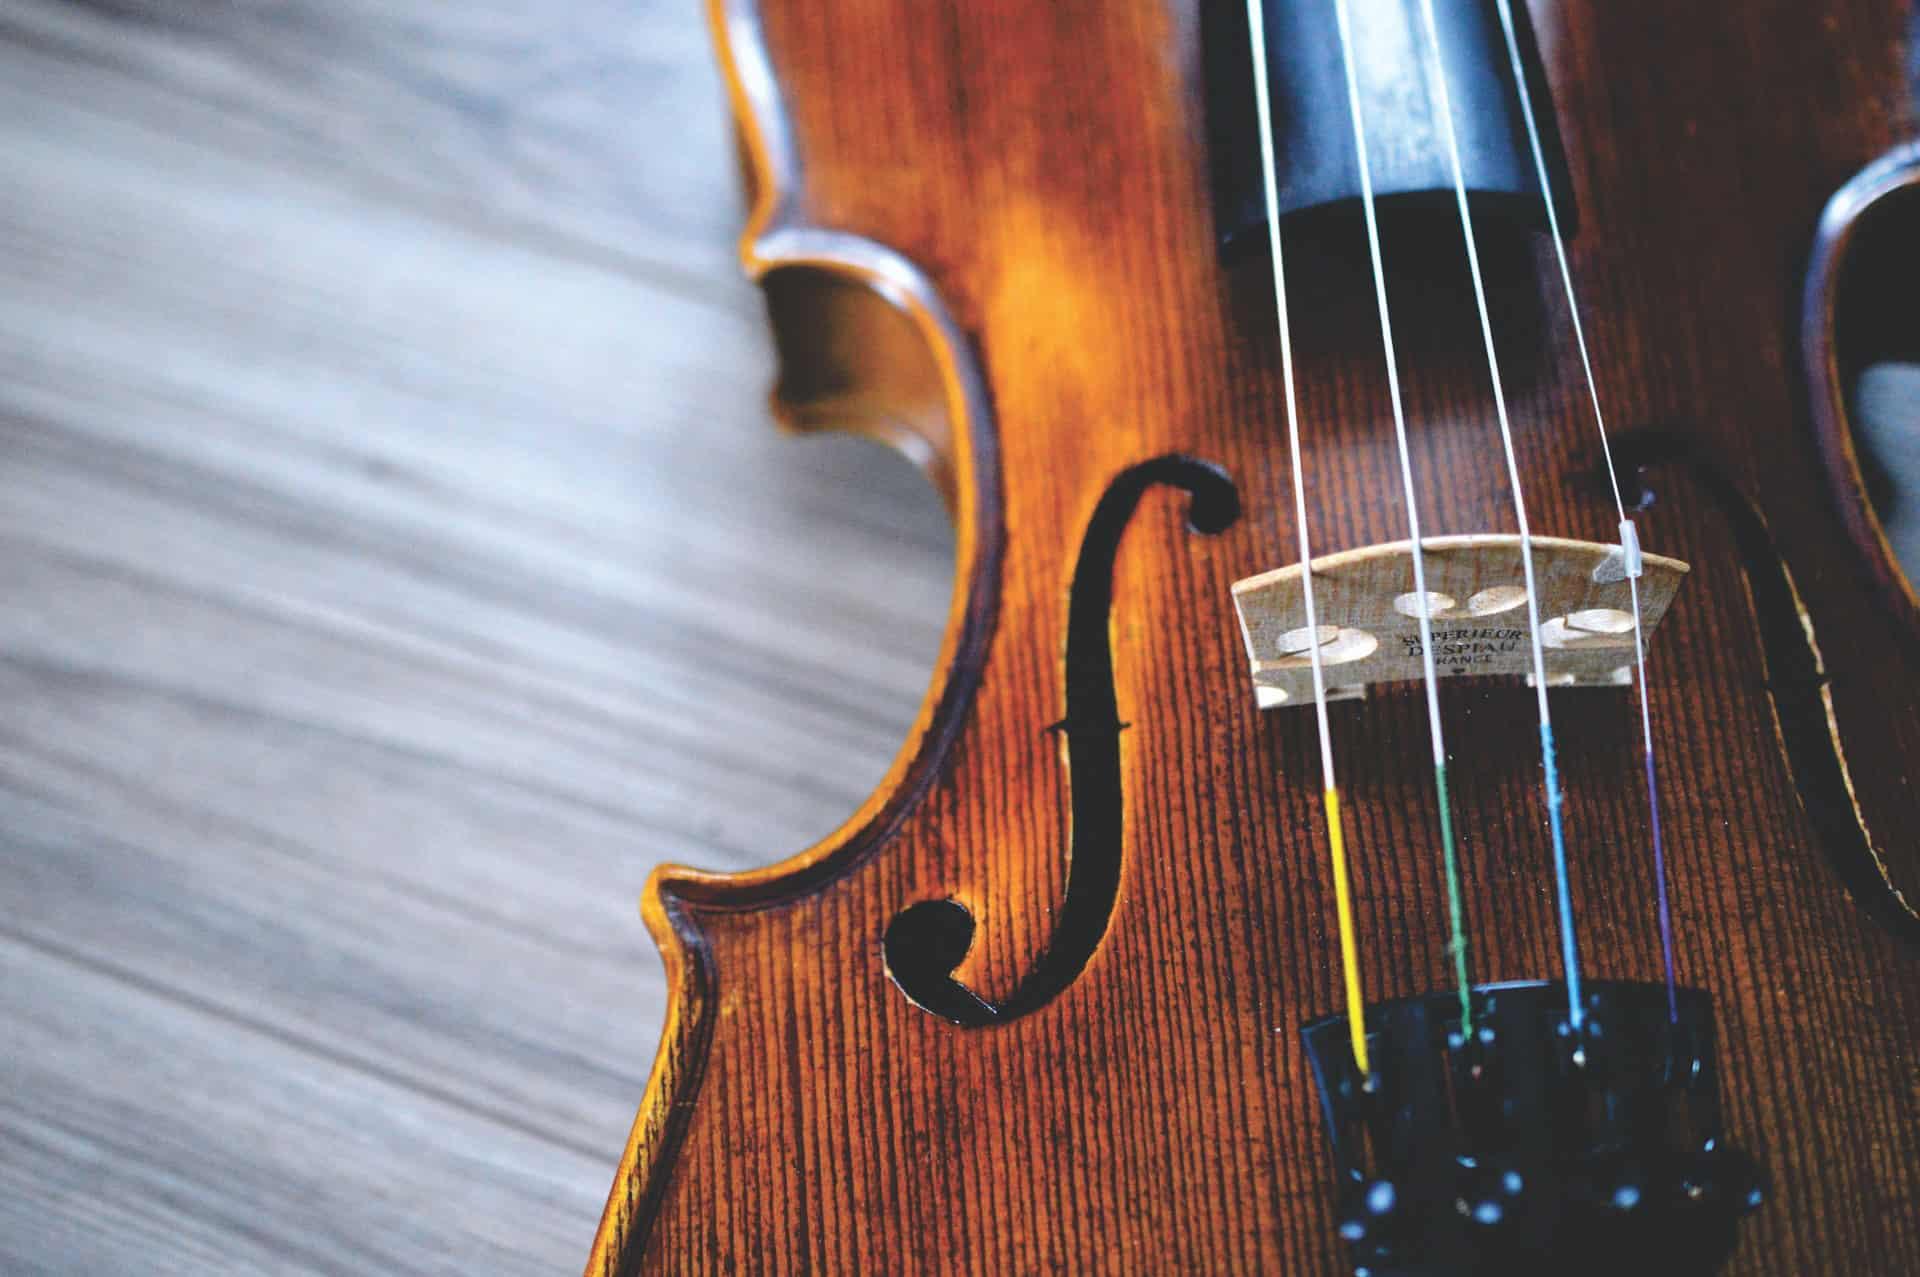 zbliżenie na położone na stole skrzypce